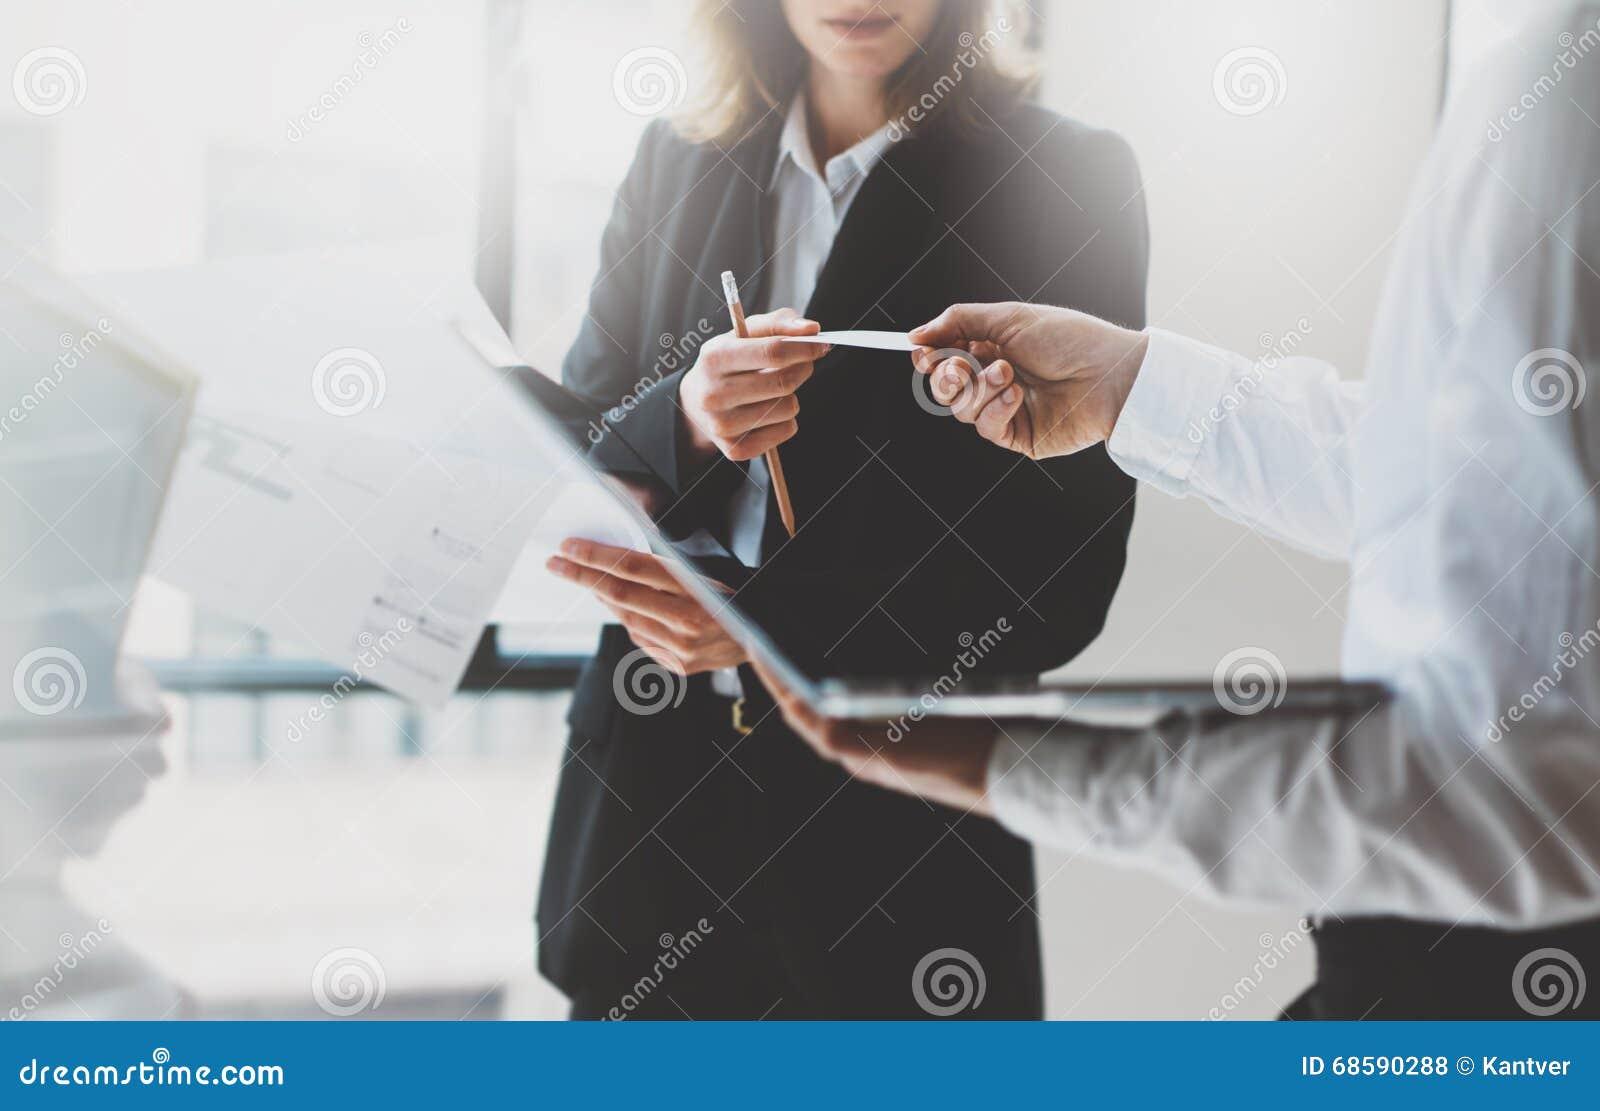 Fotoaffärspartnermöte team arbete Affärskvinna som ger kortkollegan Kontor för nytt projekt för presentation modernt